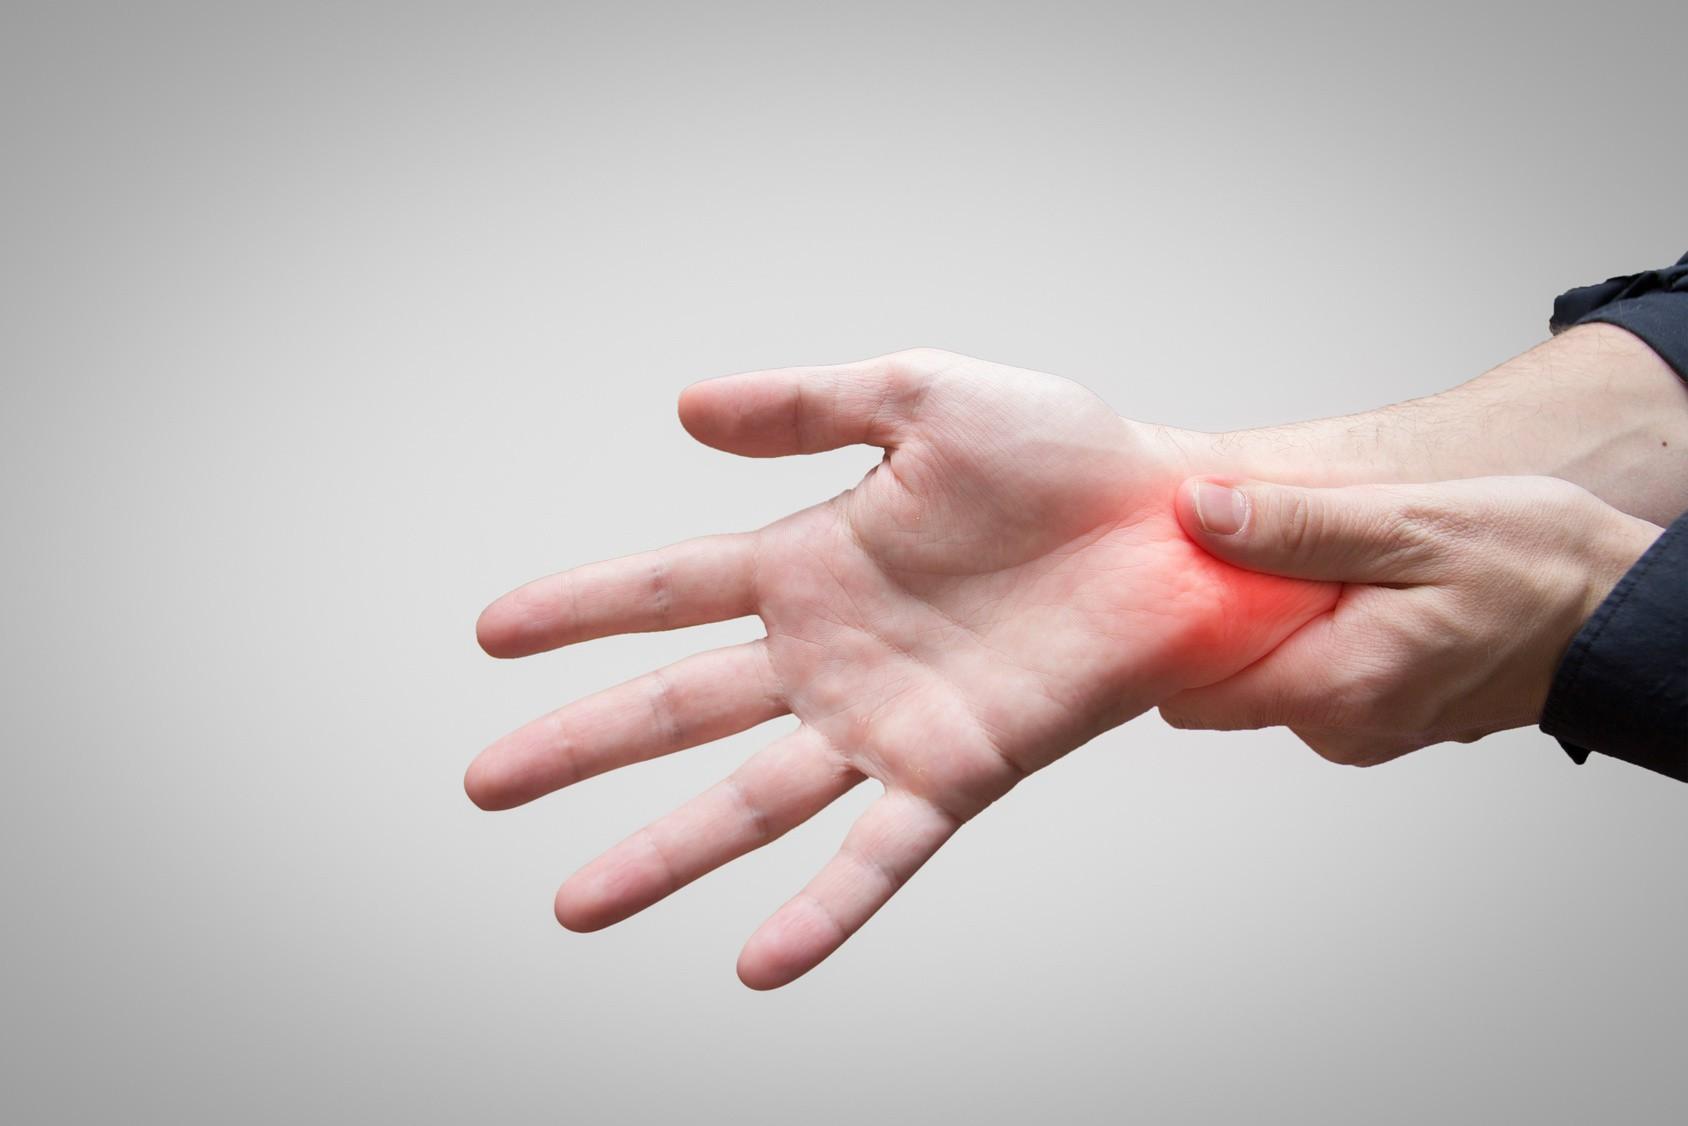 Nghe thì tưởng không liên quan nhưng đây lại là những triệu chứng cho thấy xương của bạn đang có vấn đề - Ảnh 4